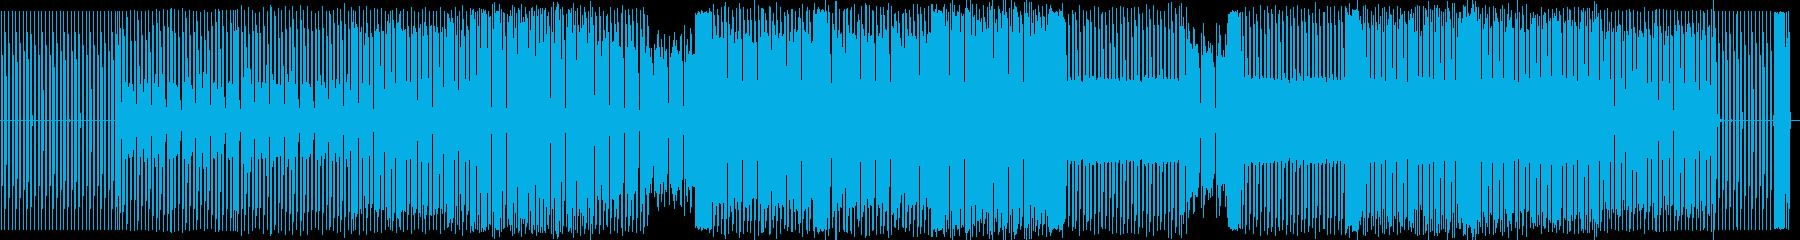 制御不能なエレクトロニクス。ダイナ...の再生済みの波形